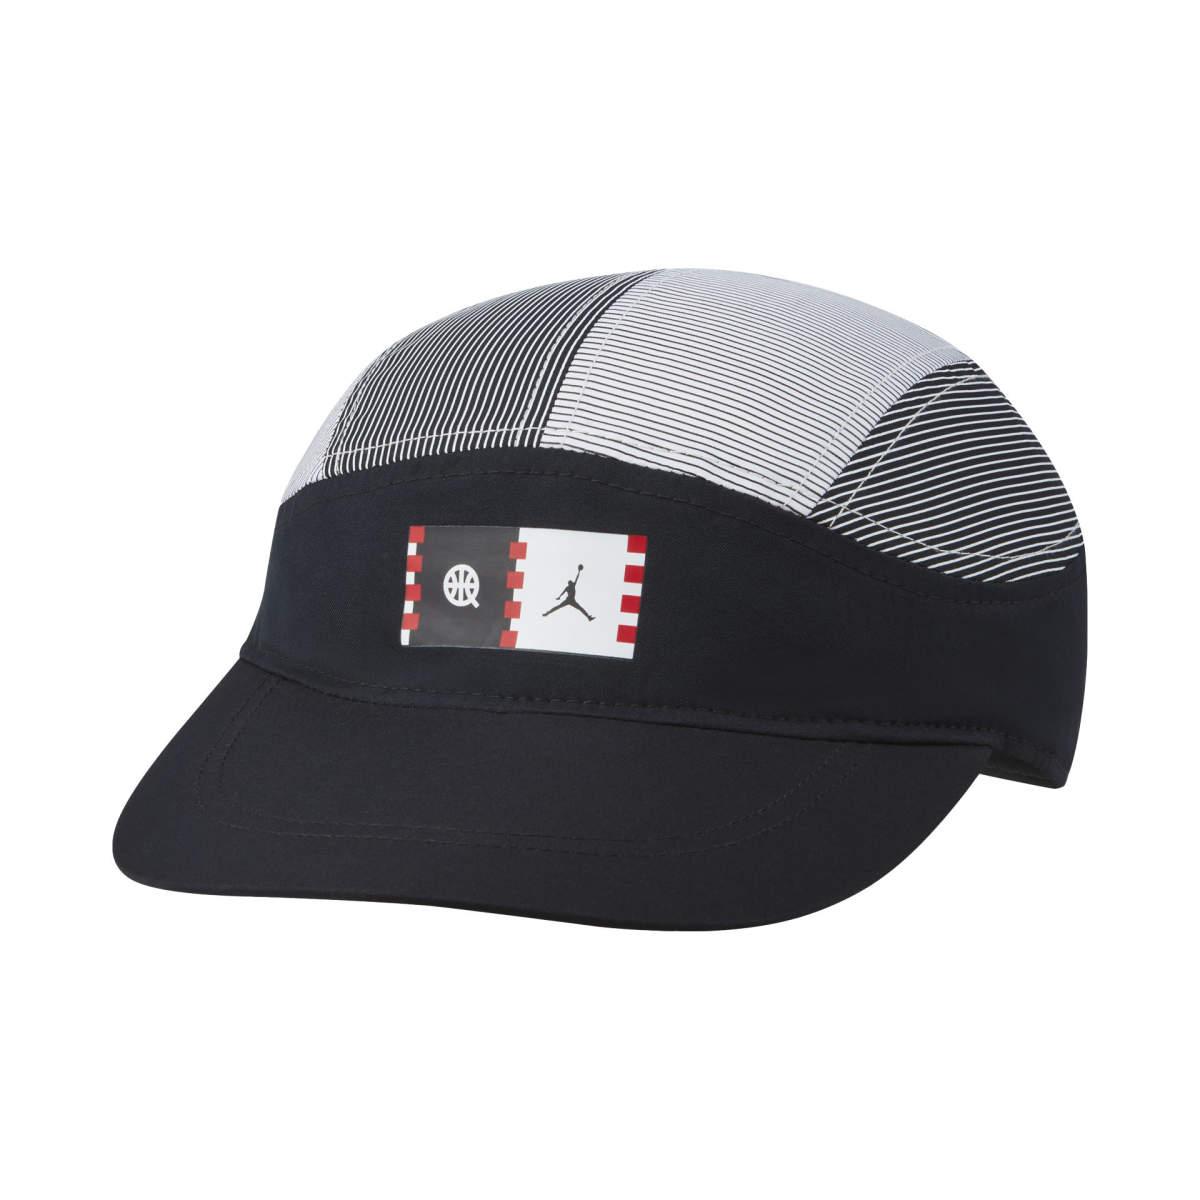 Q54 tailwind cap